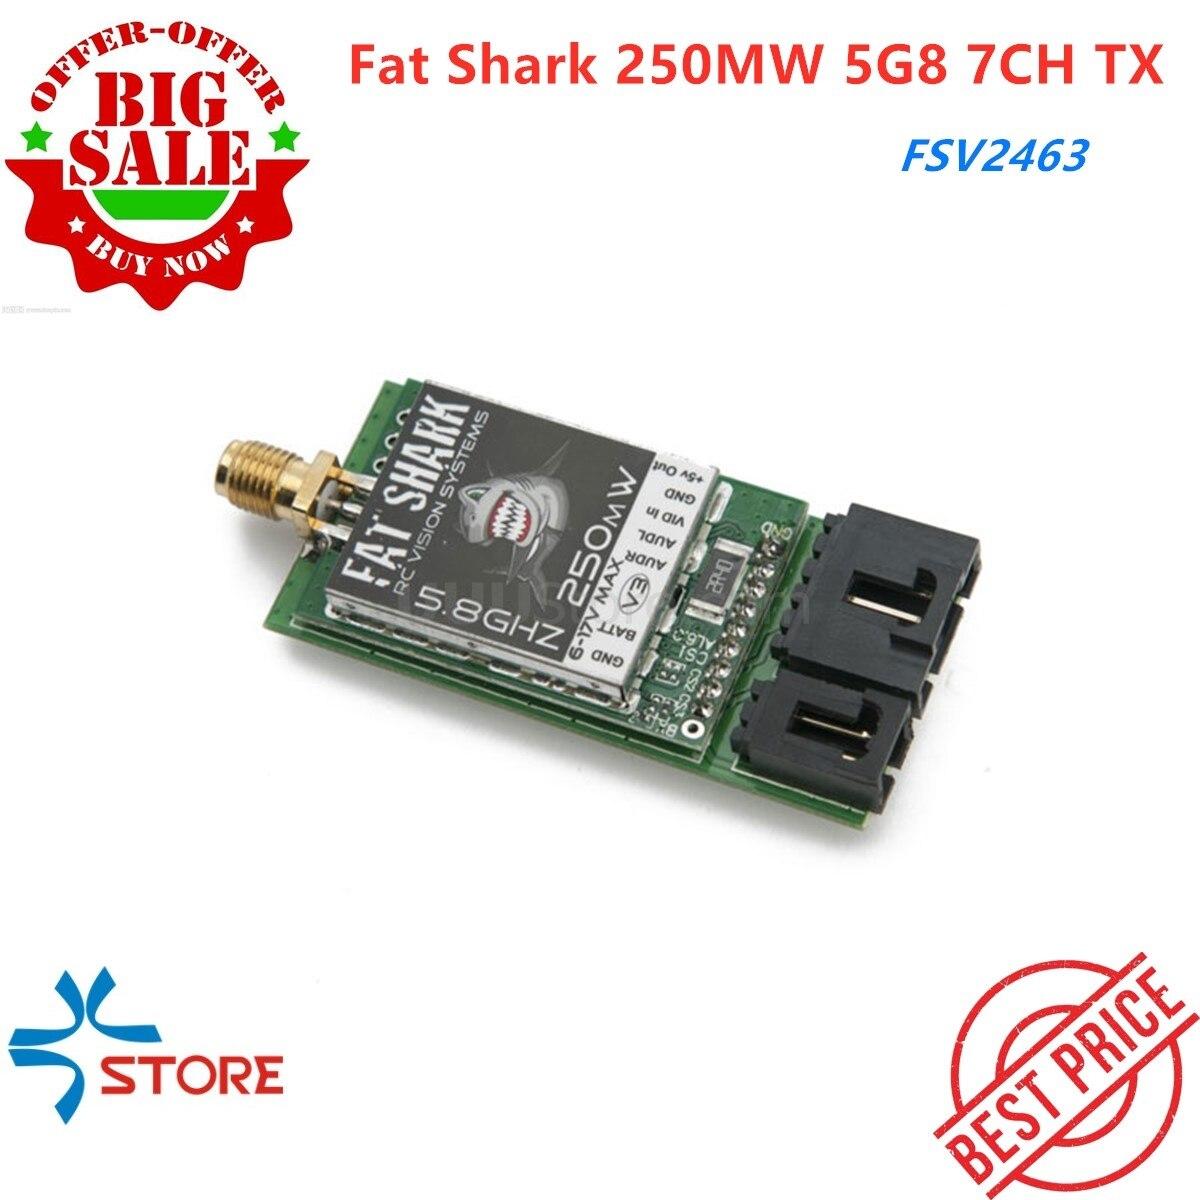 2019 nouveau gros requin 250MW 5G8 5.8 GHZ 7CH TX transmetteur vidéo avec NexwaveRF FSV2463 pour les systèmes FPV Fatshark